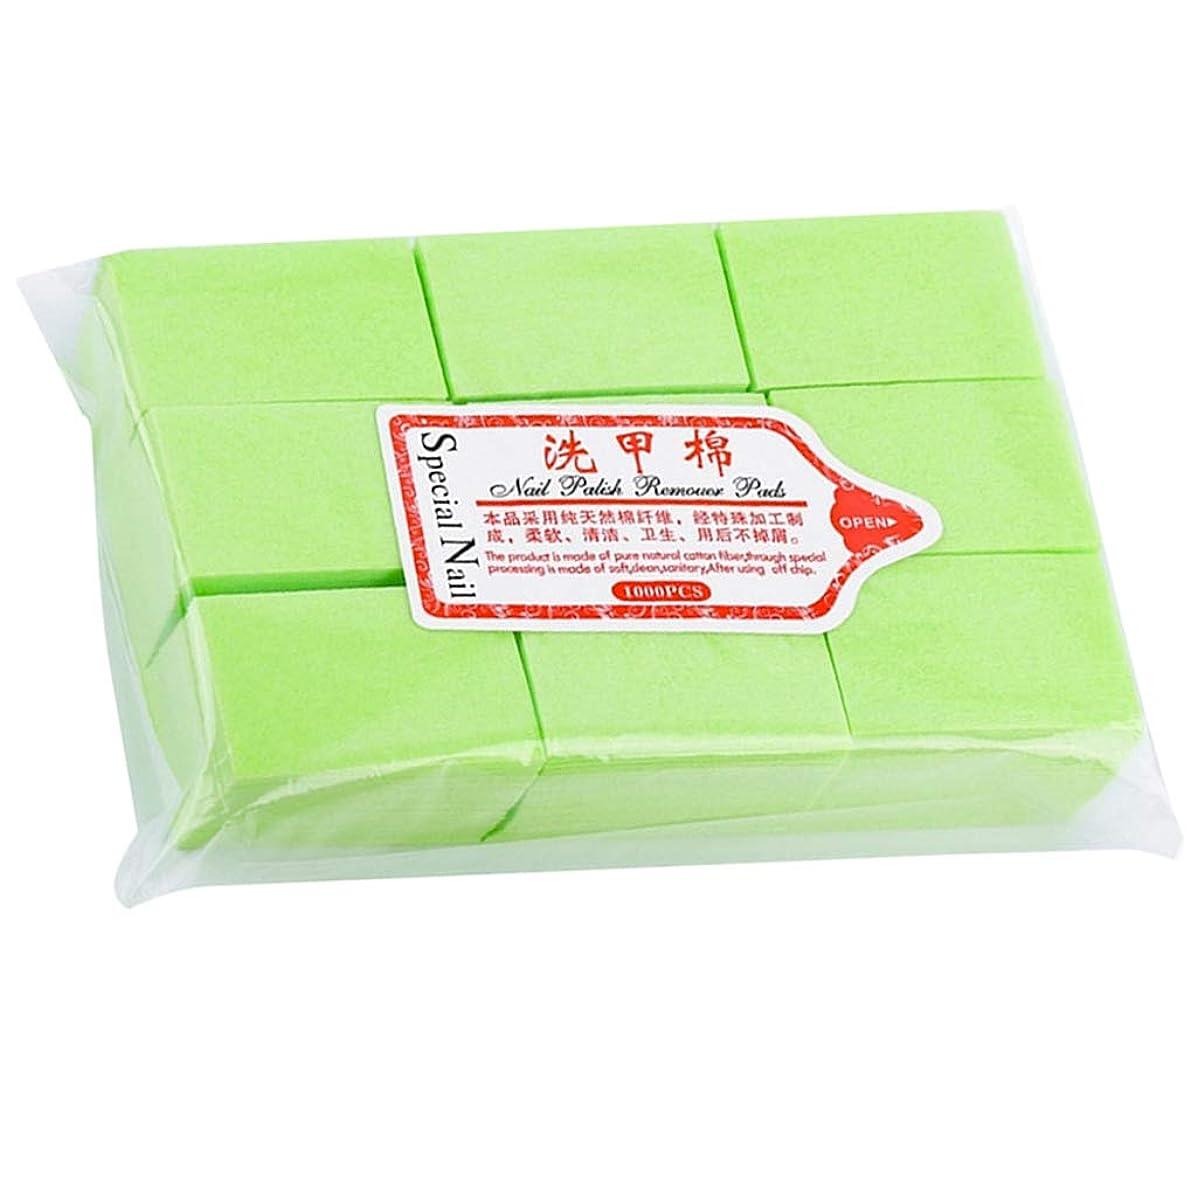 アトミック摂動コンサートPerfeclan ネイルワイプ コットンパッド 使い捨て ネイルポリッシュリムーバー パッド マニキュア 全4色 - グリーン